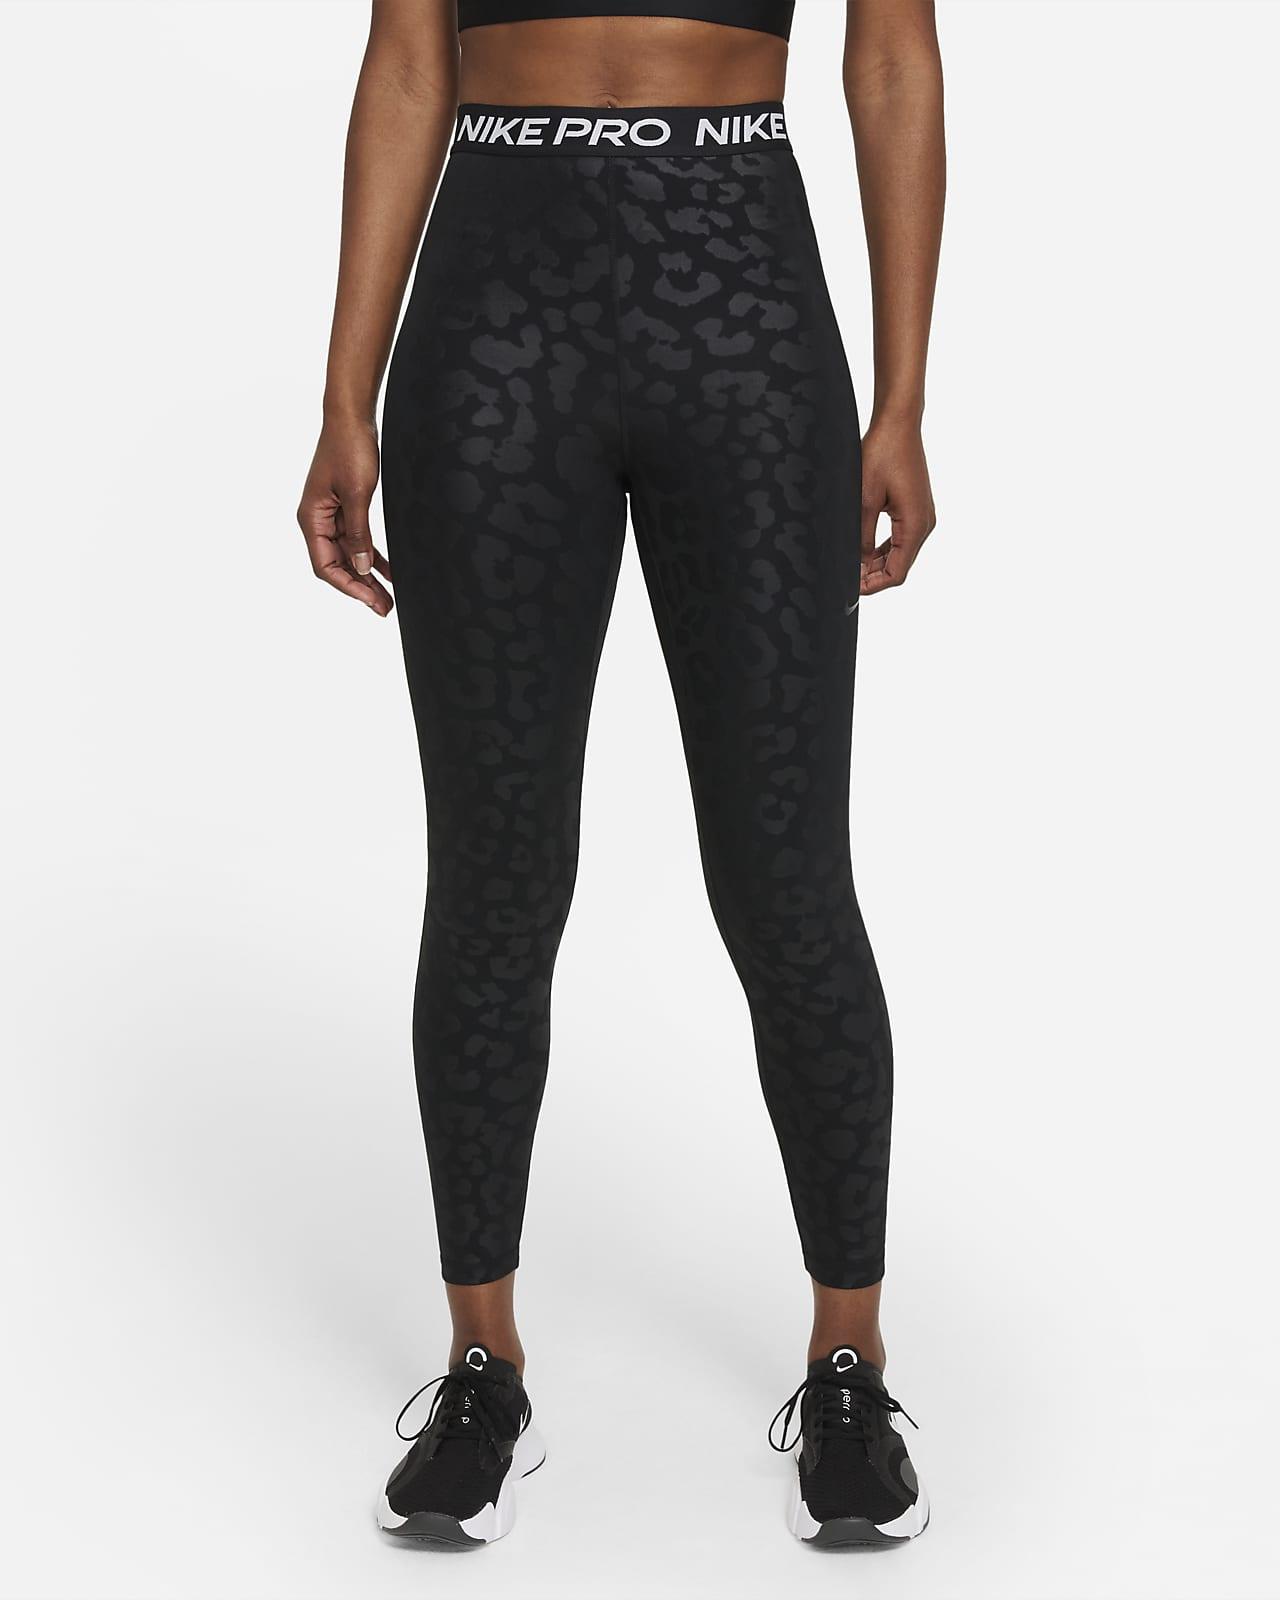 Nike Pro Dri-FIT 7/8-Leggings mit hohem Bund und Print für Damen